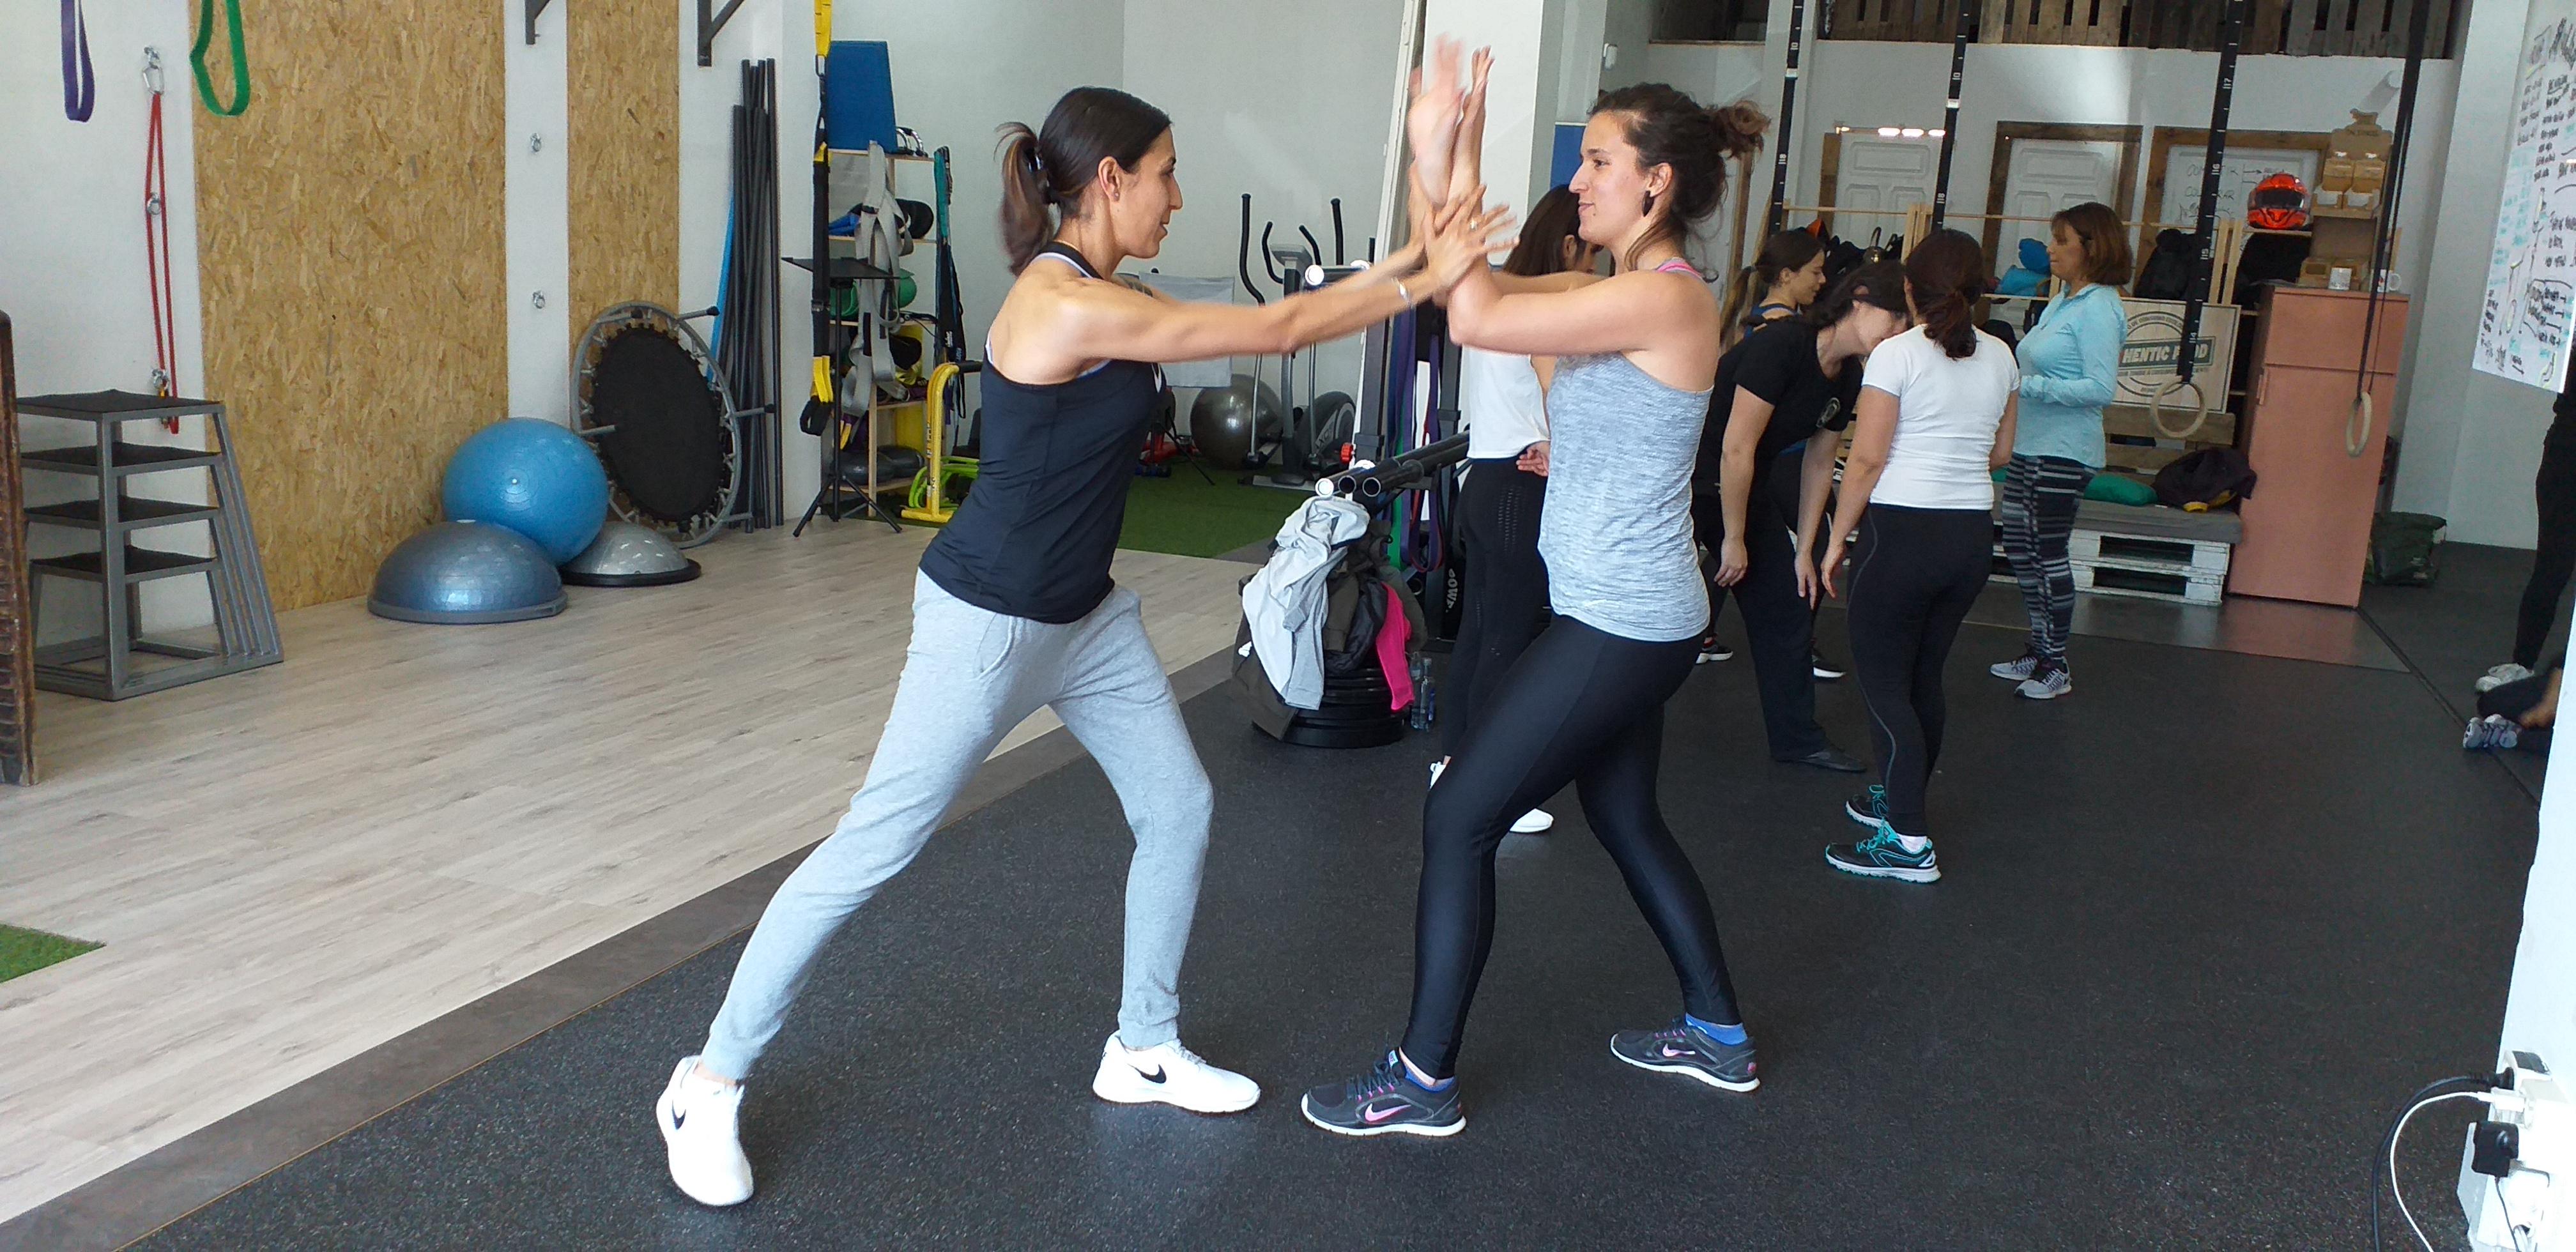 Dos mujeres practicando movimientos de defensa personal en un gimnasio.